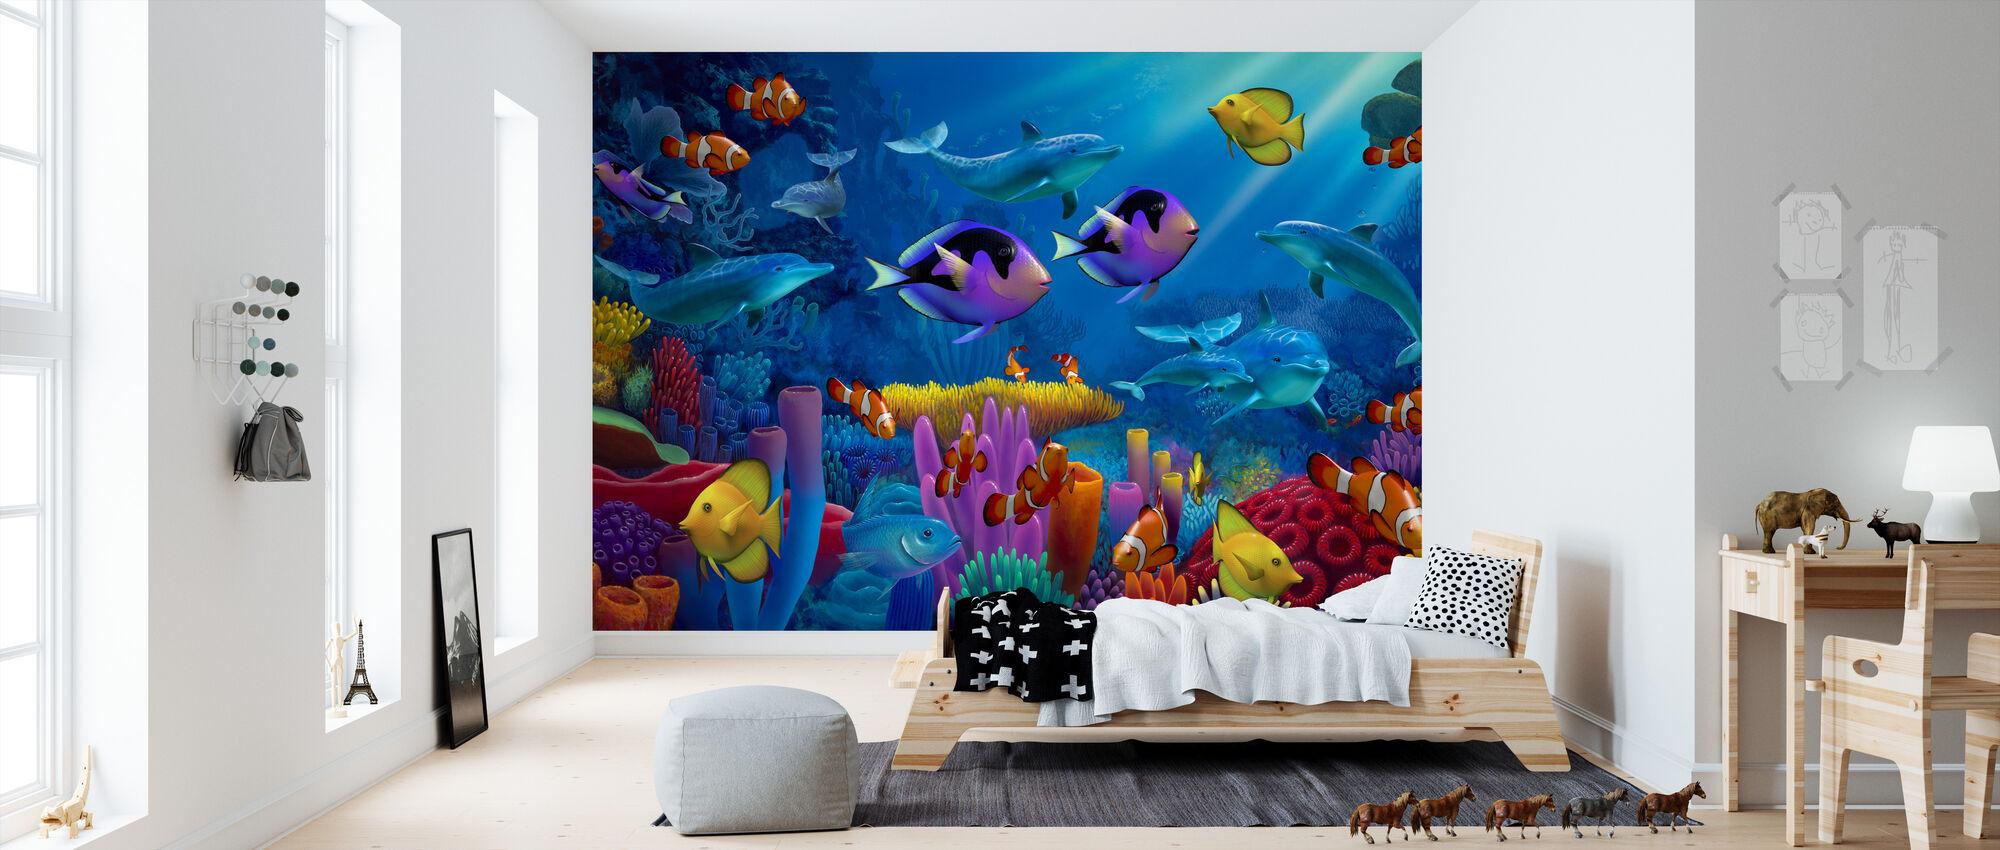 Värin valtameri - Tapetti - Lastenhuone